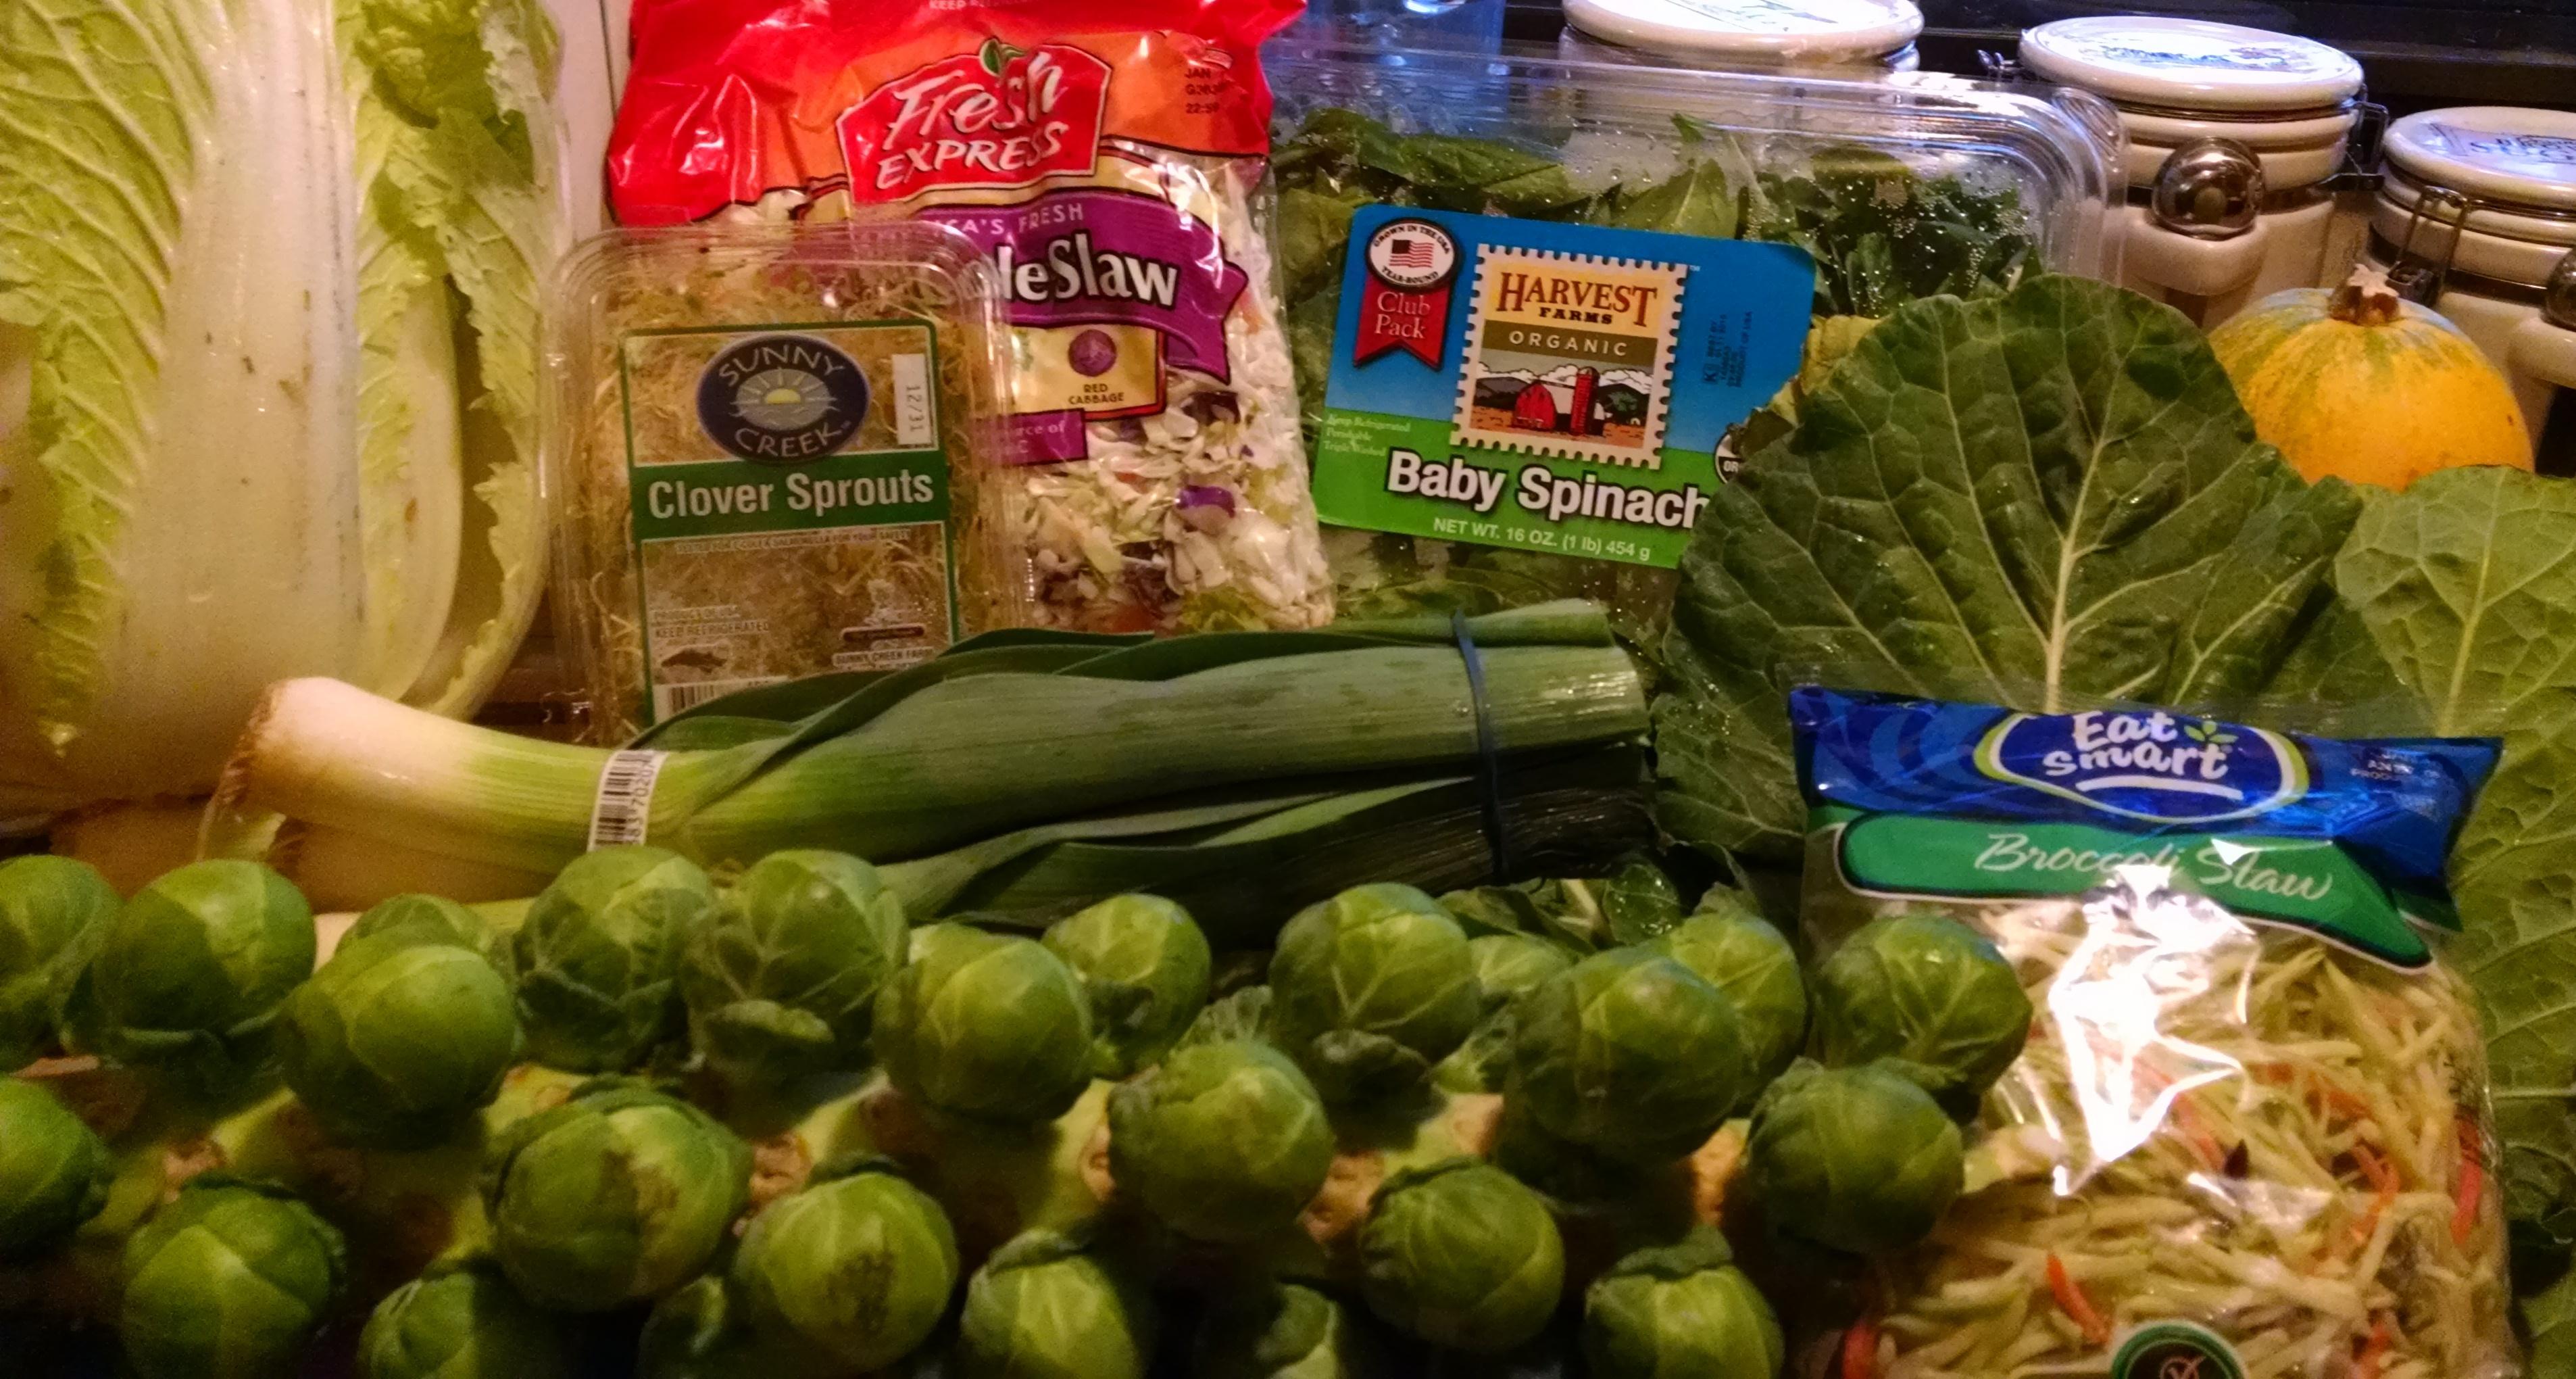 LOVE my veggies!